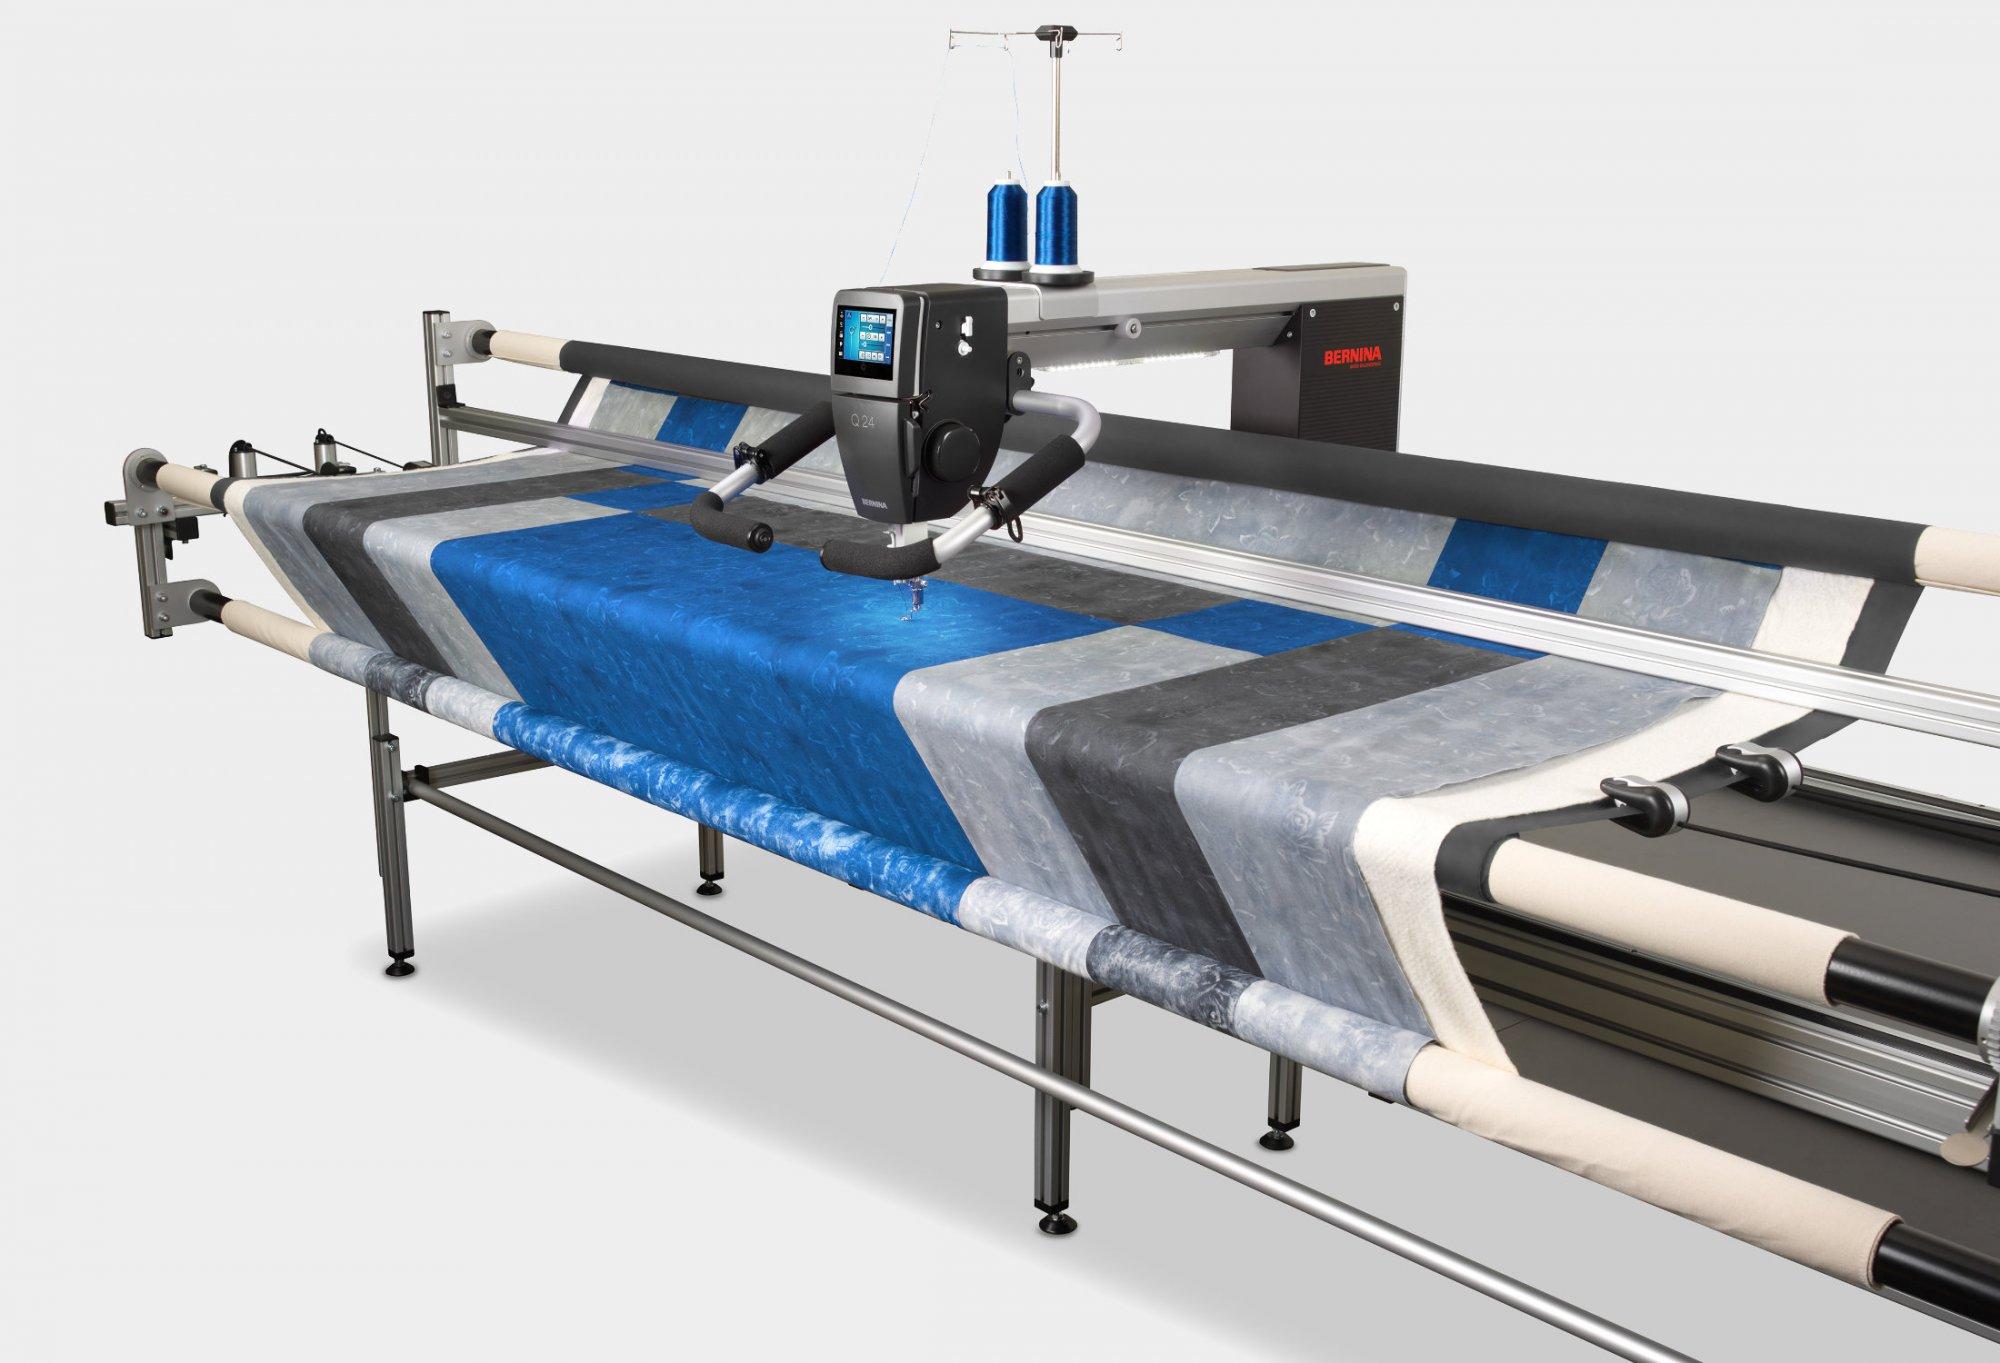 Bernina Longarm Quilting Machine Q 24 & Q 20